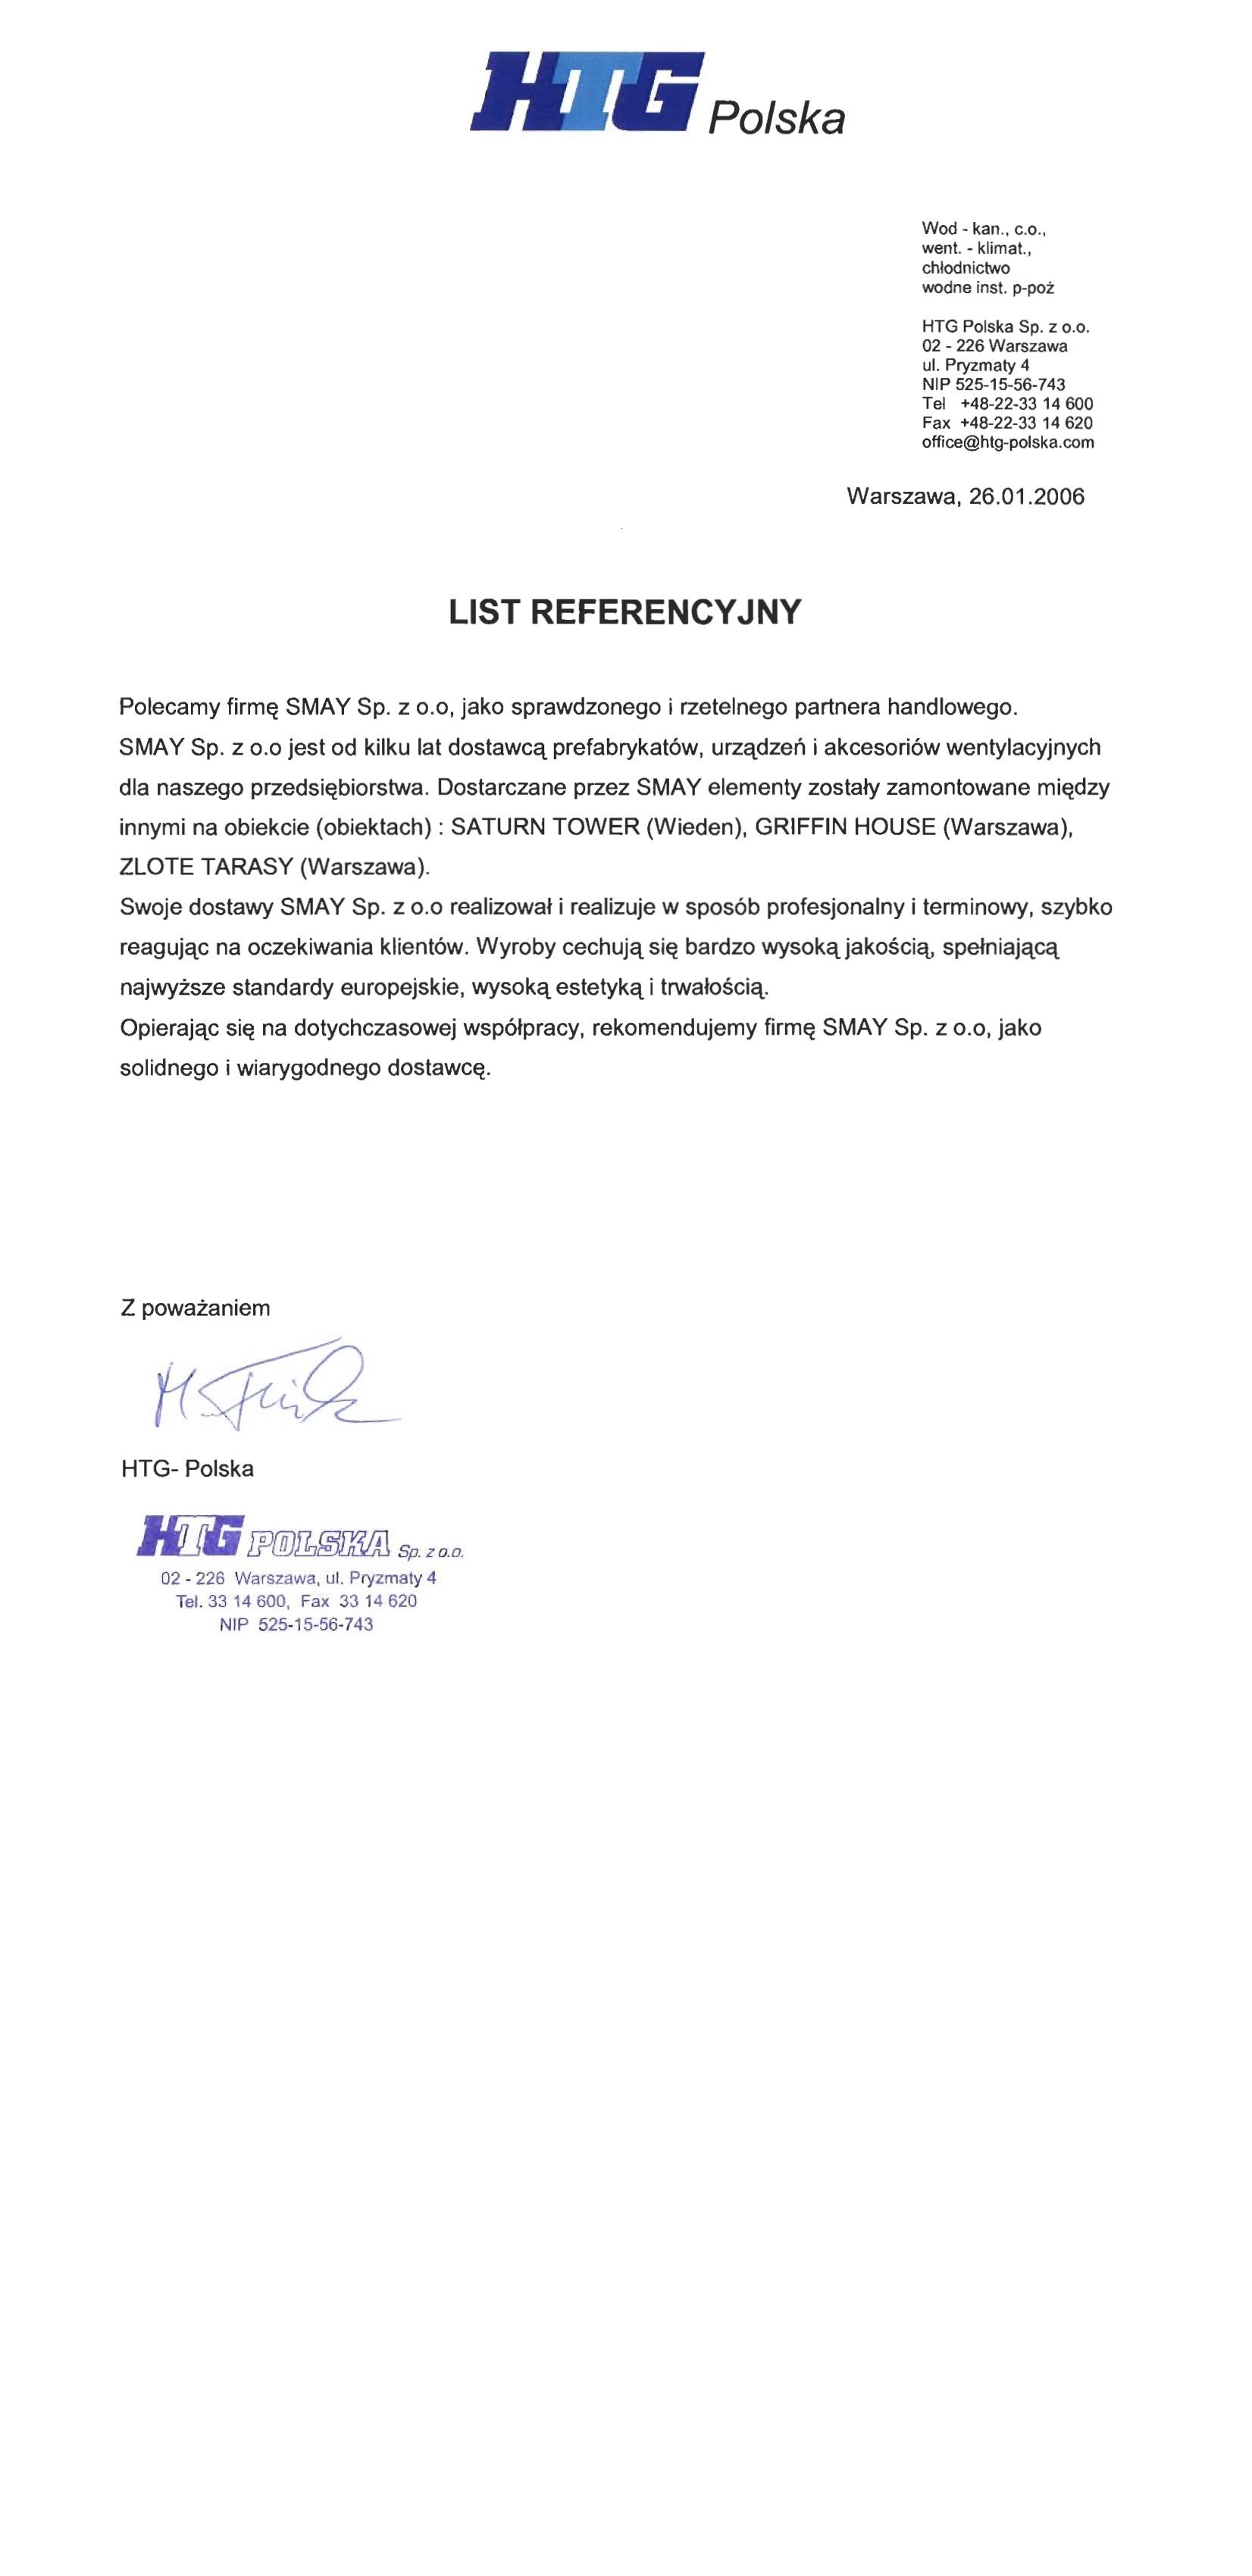 Reference - HTG Polska